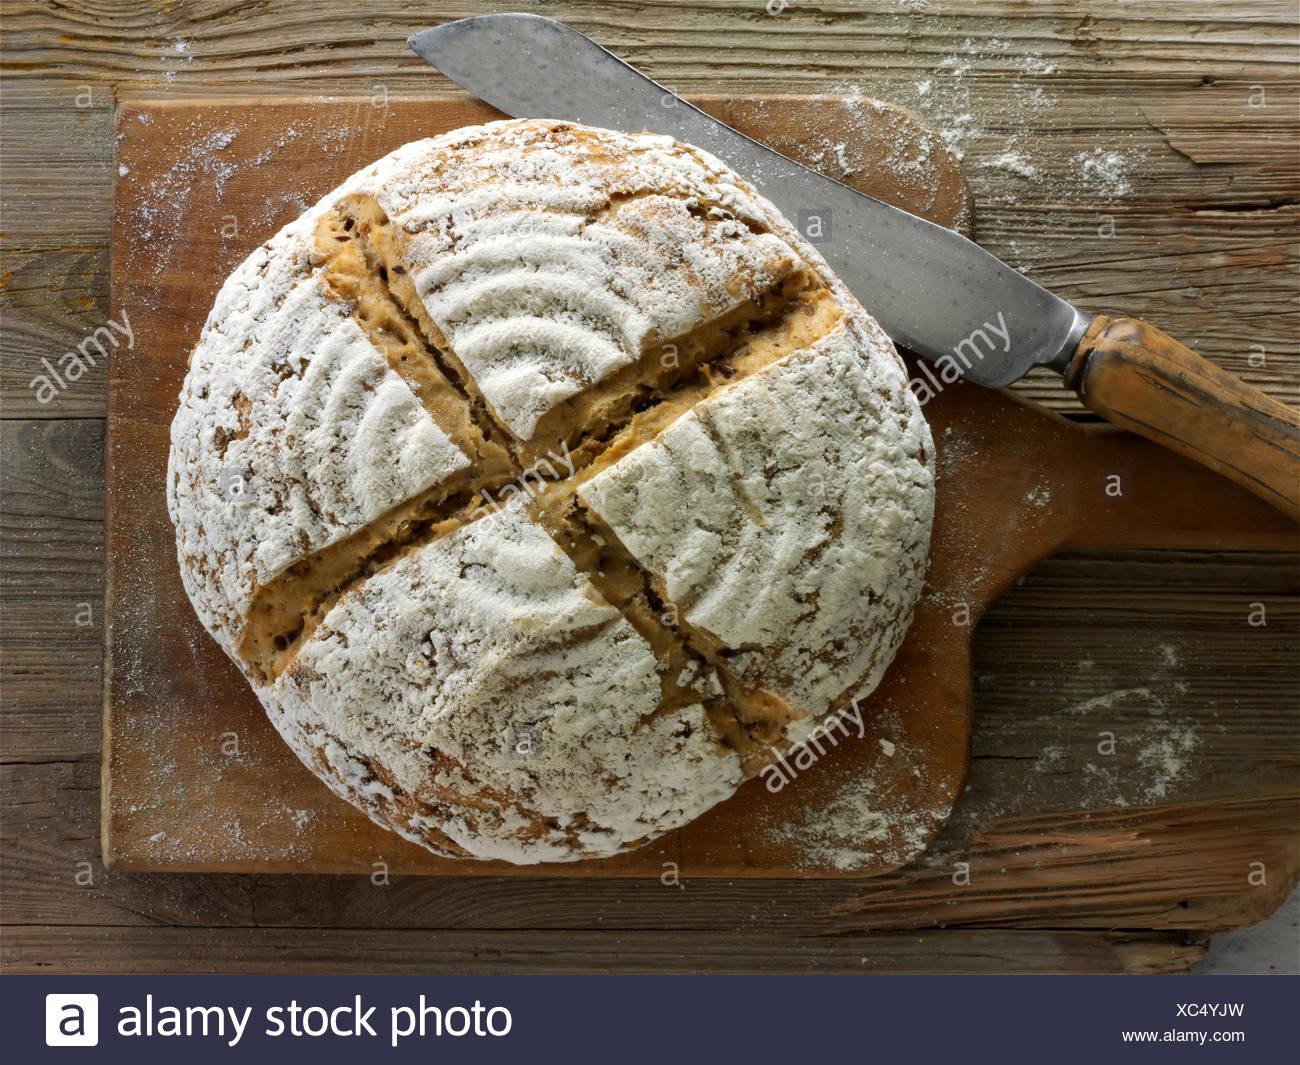 Masa agria artesanal de semillas integrales con pan blanco, harina de centeno malteada Imagen De Stock